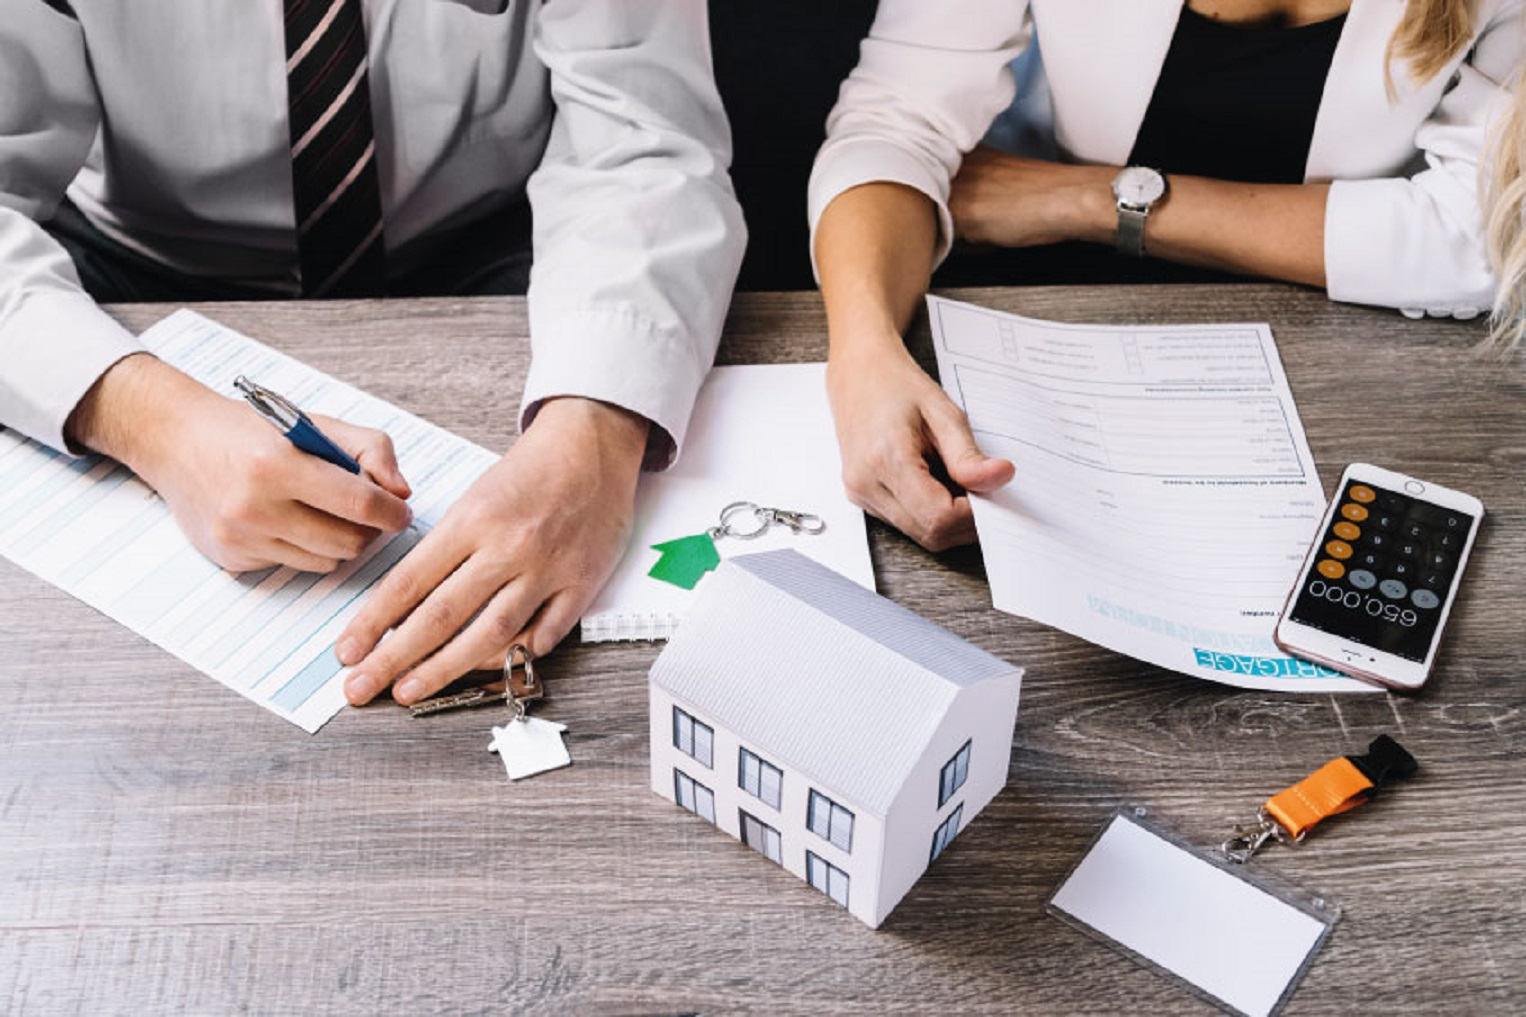 ¿Qué comisión cobran las agencias inmobiliarias en Monterrey?